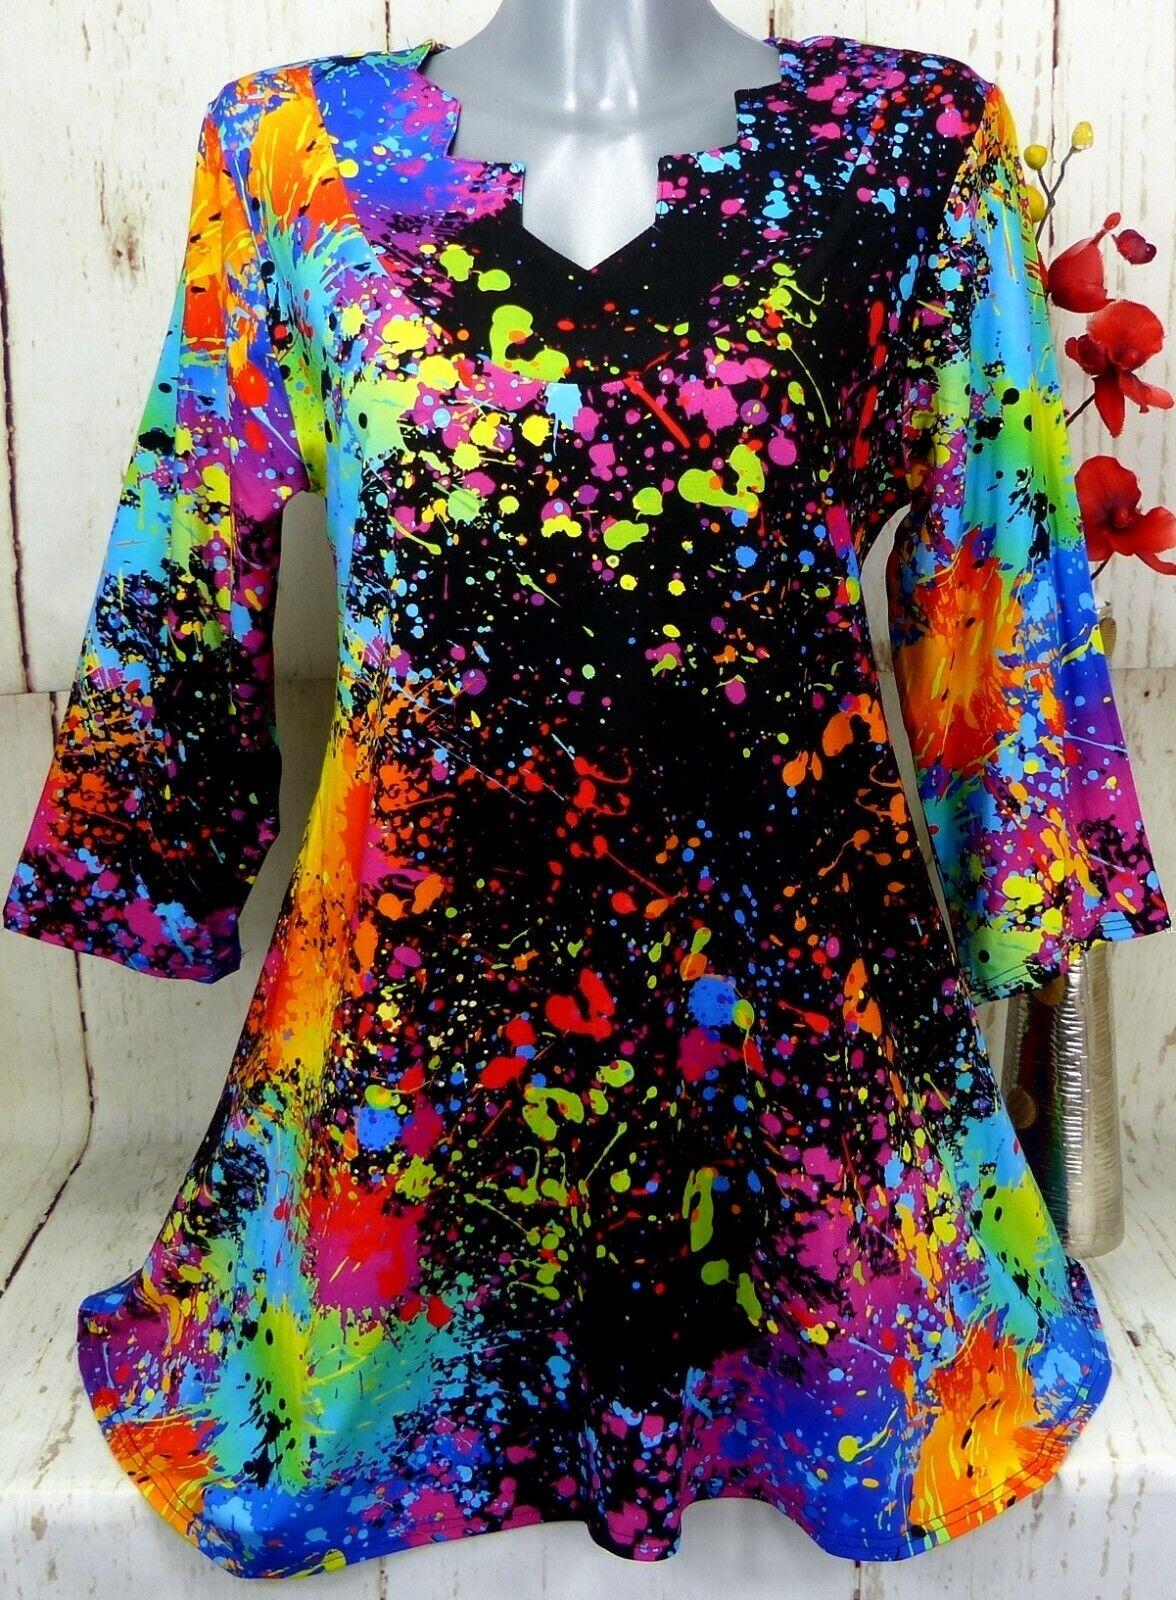 New Jersey Tunika Bluse Kleid Top Shirt Lagenlook A-Linie Schwarz Bunt  48 50